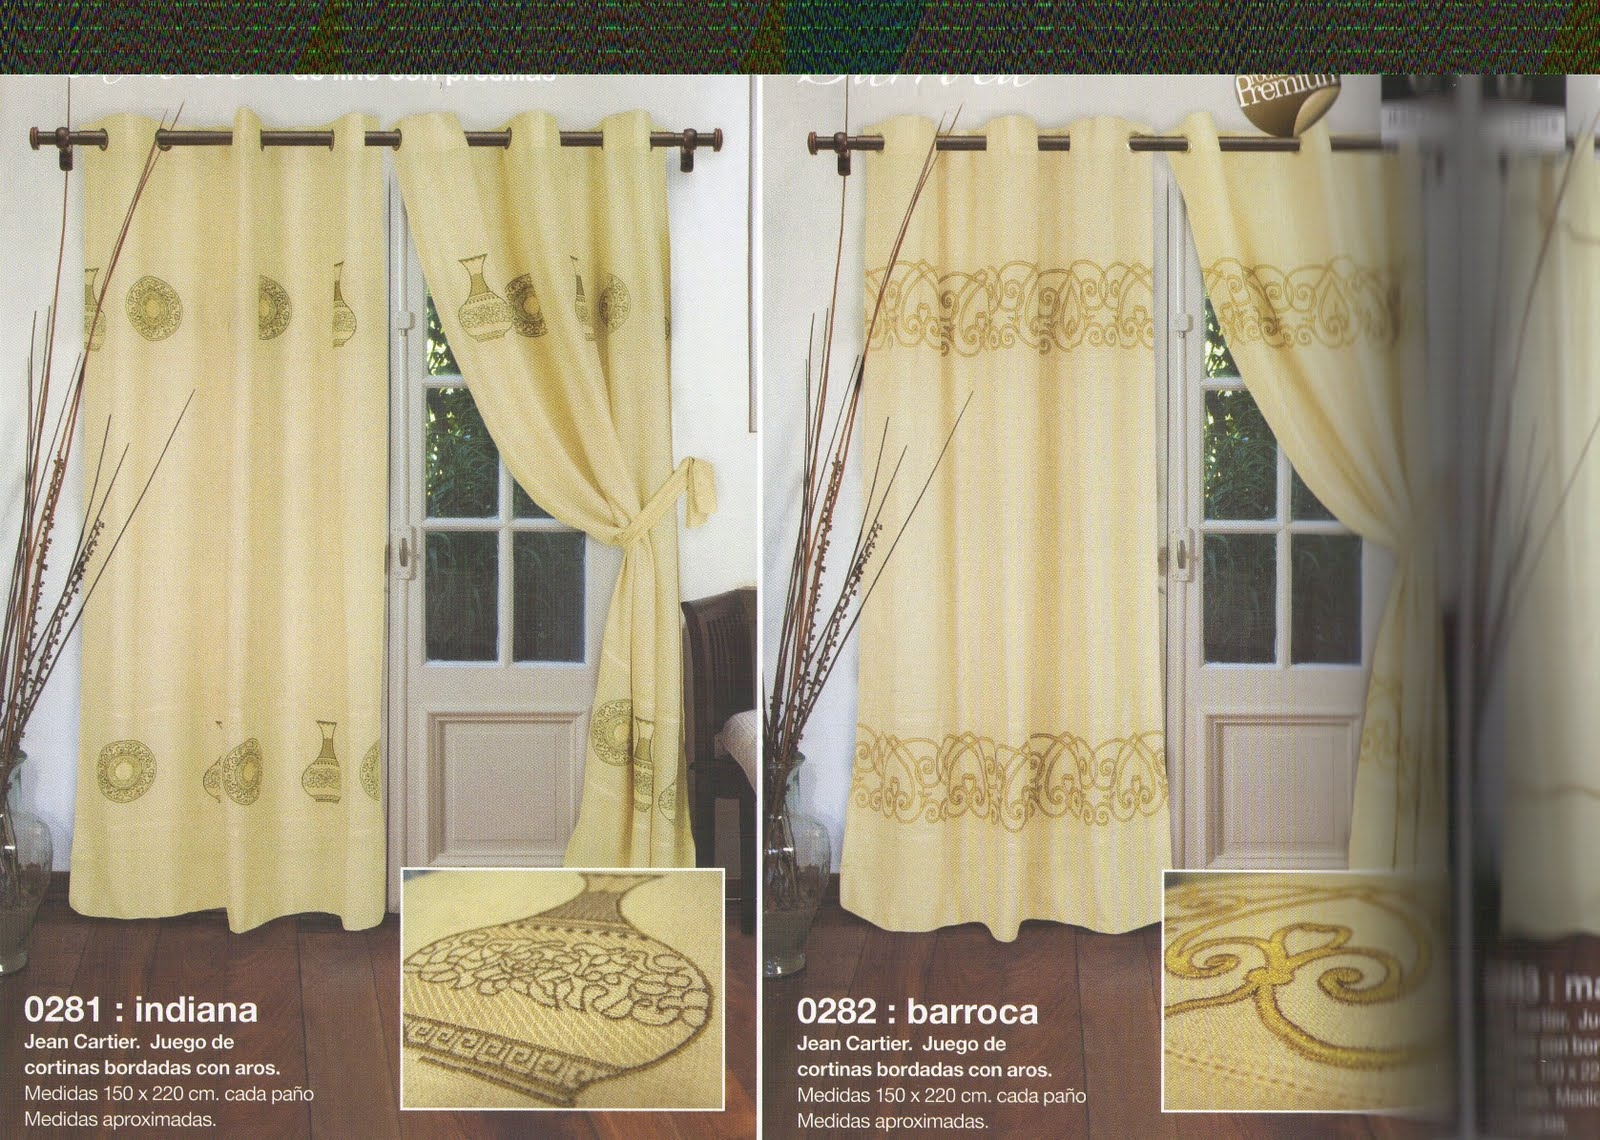 jean cartier temporada oto o invierno 2011 cortinas y